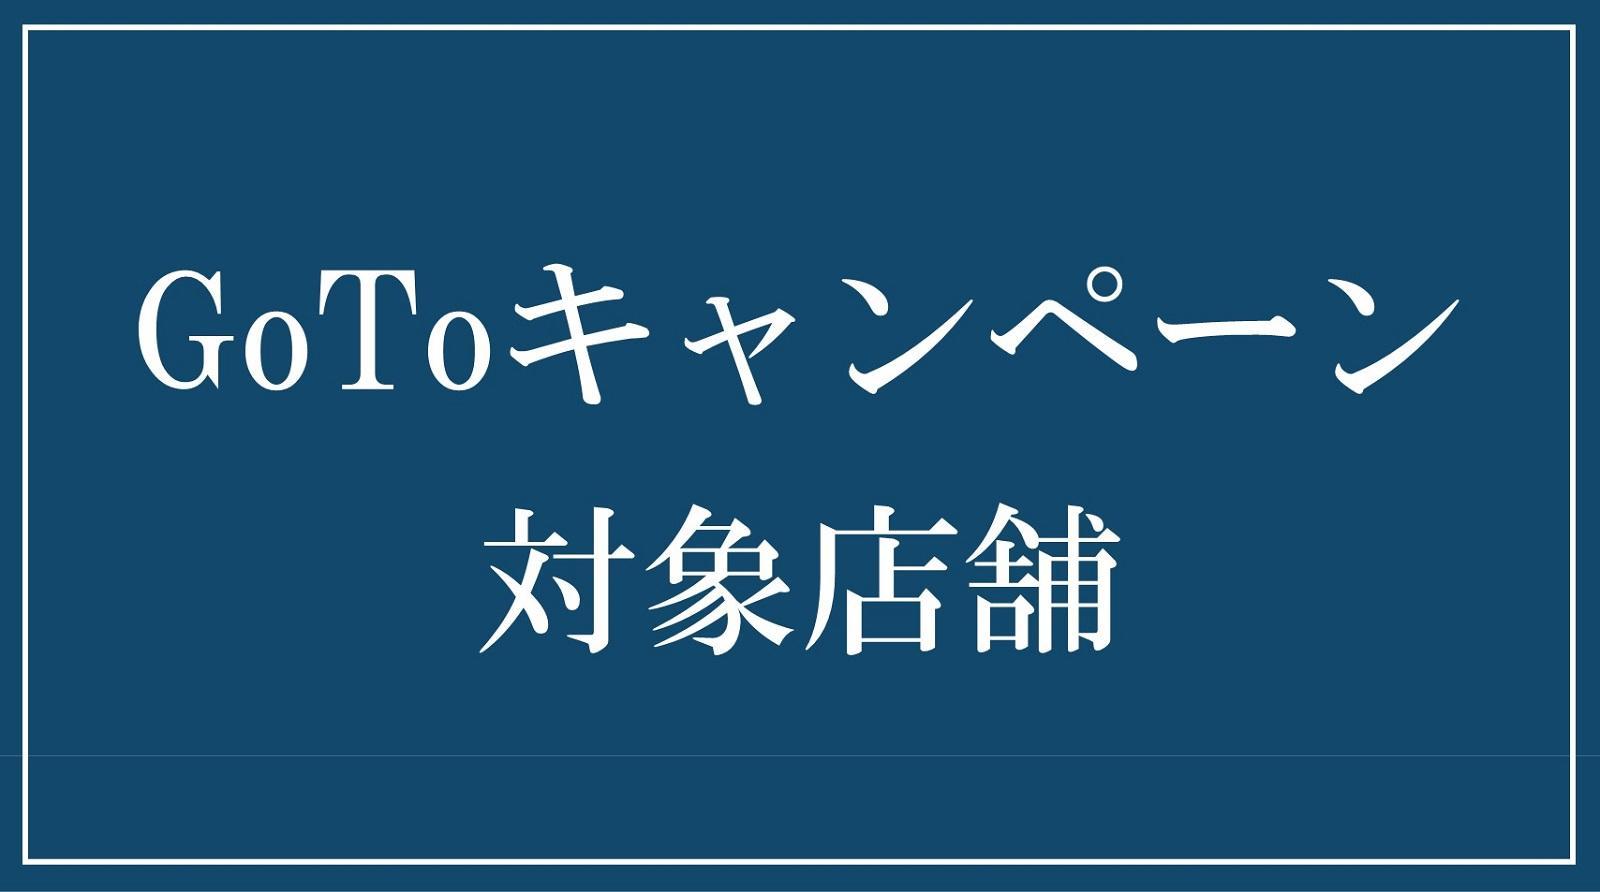 GoToキャンペーン対象店舗